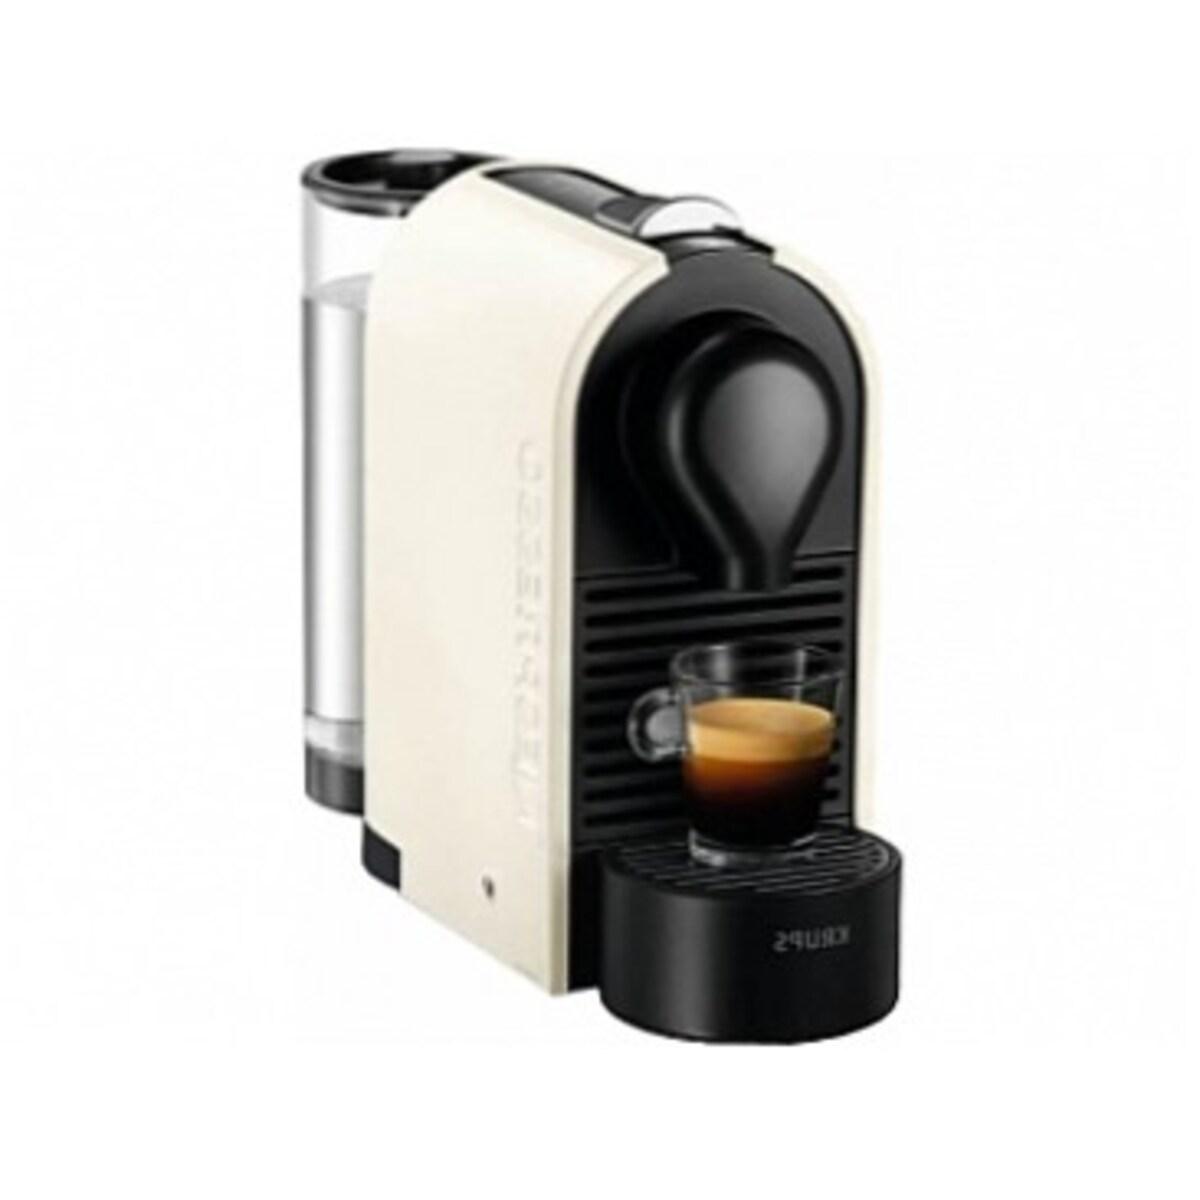 Nespresso U XN 2501